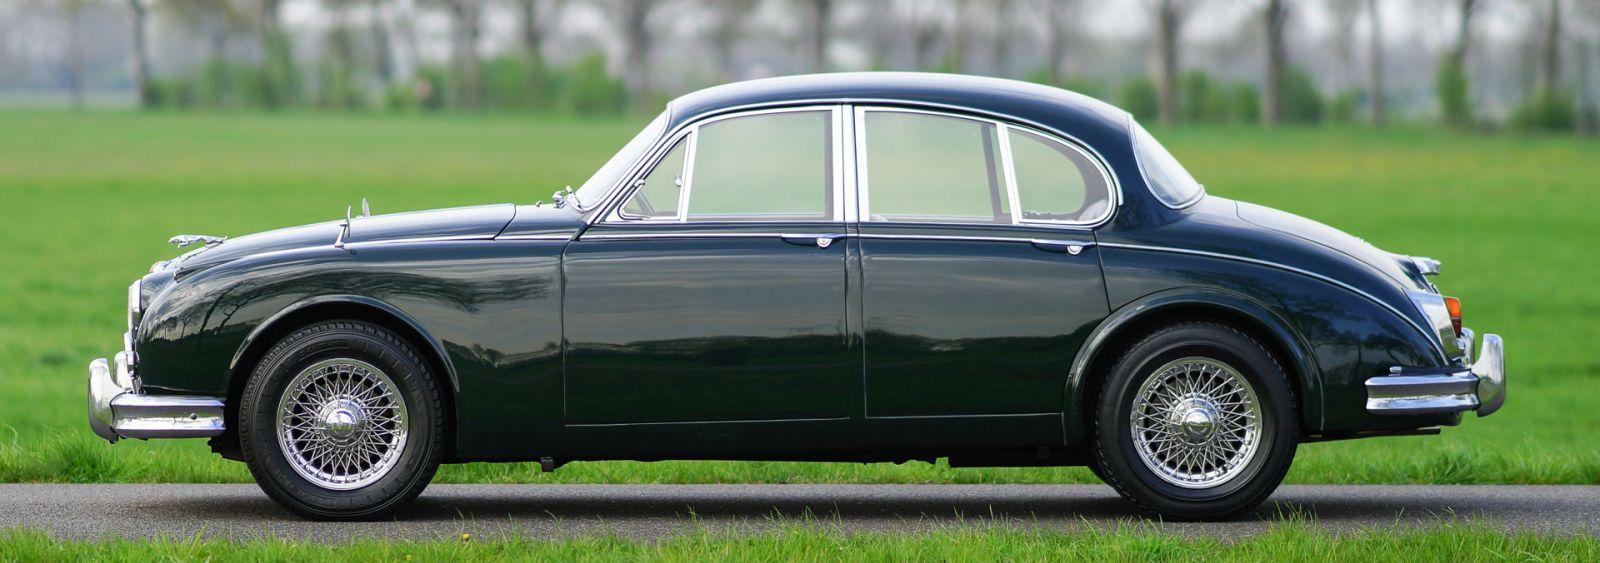 jaguar mk ii 3 4 litre 1963 welcome to classicargarage. Black Bedroom Furniture Sets. Home Design Ideas